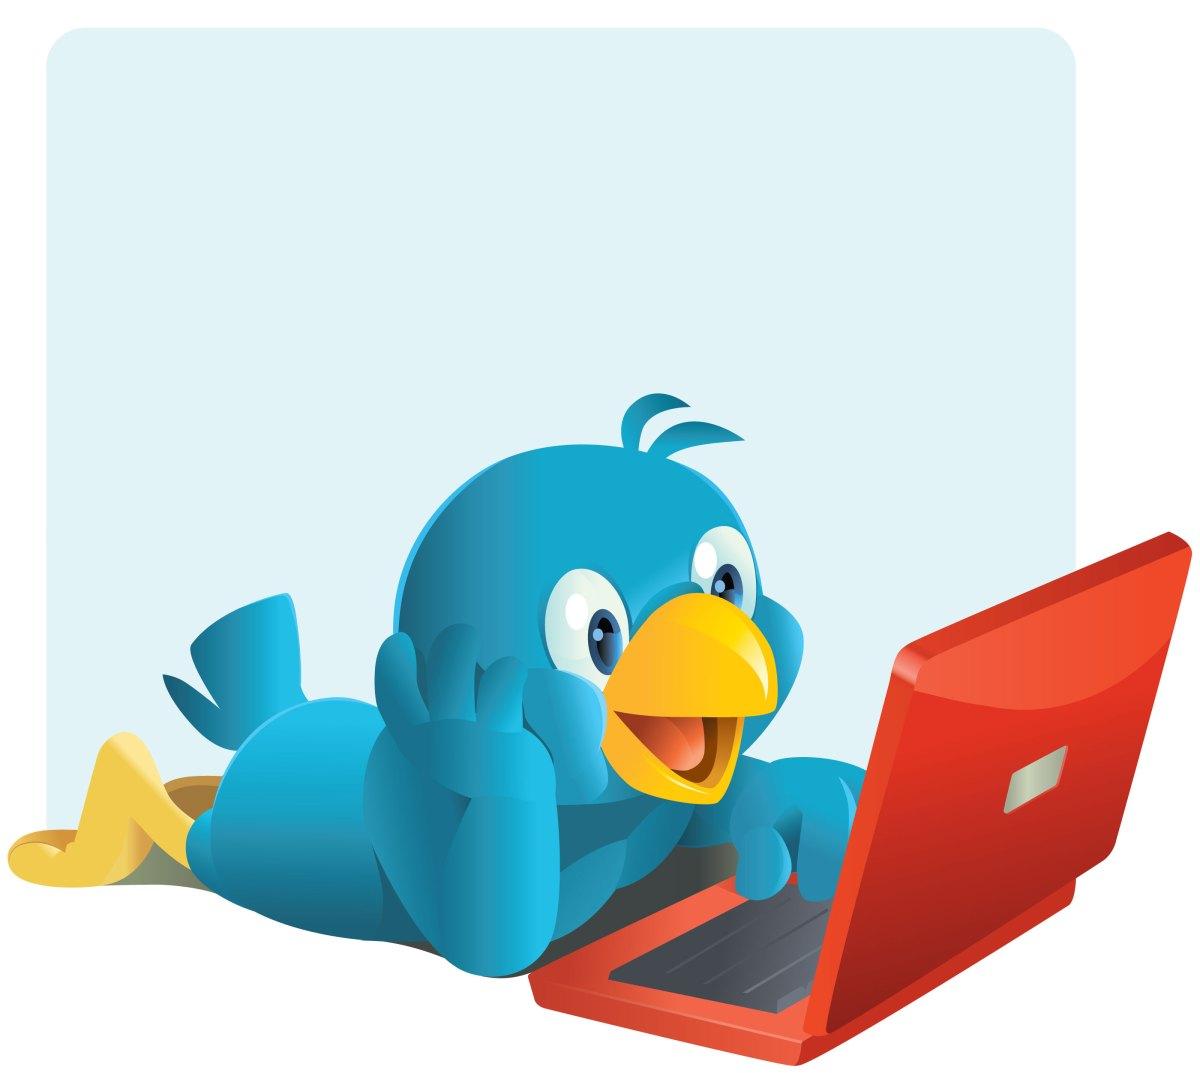 10 Great #Marketing Tweets You Missed Last Week